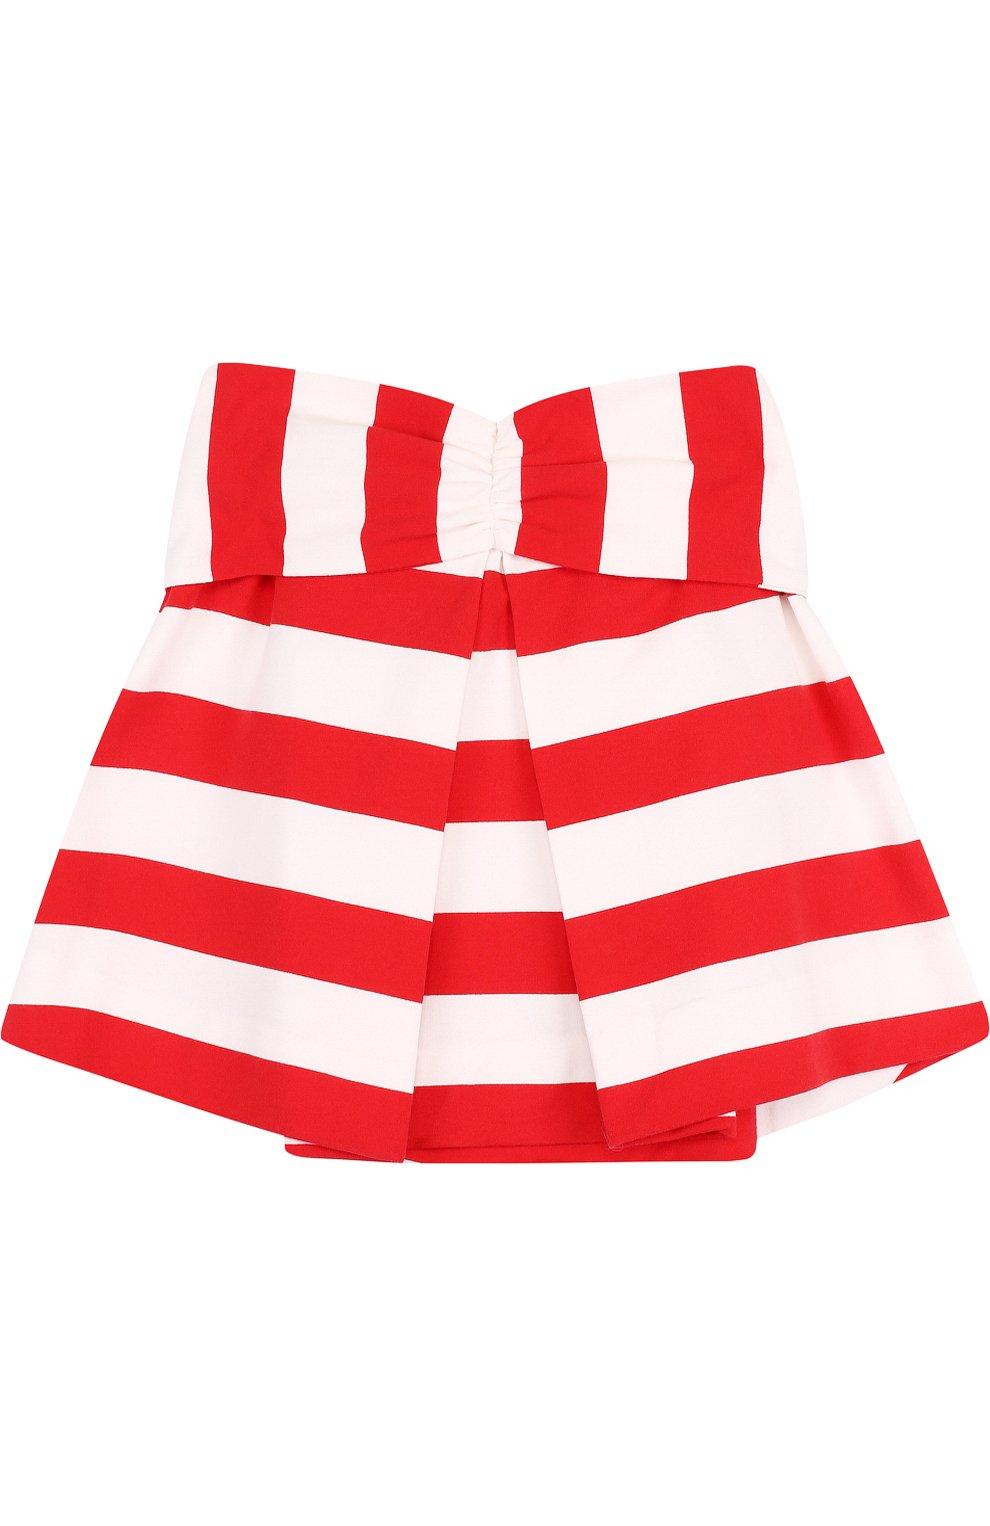 Хлопковая мини-юбка в полоску с декоративным поясом | Фото №2